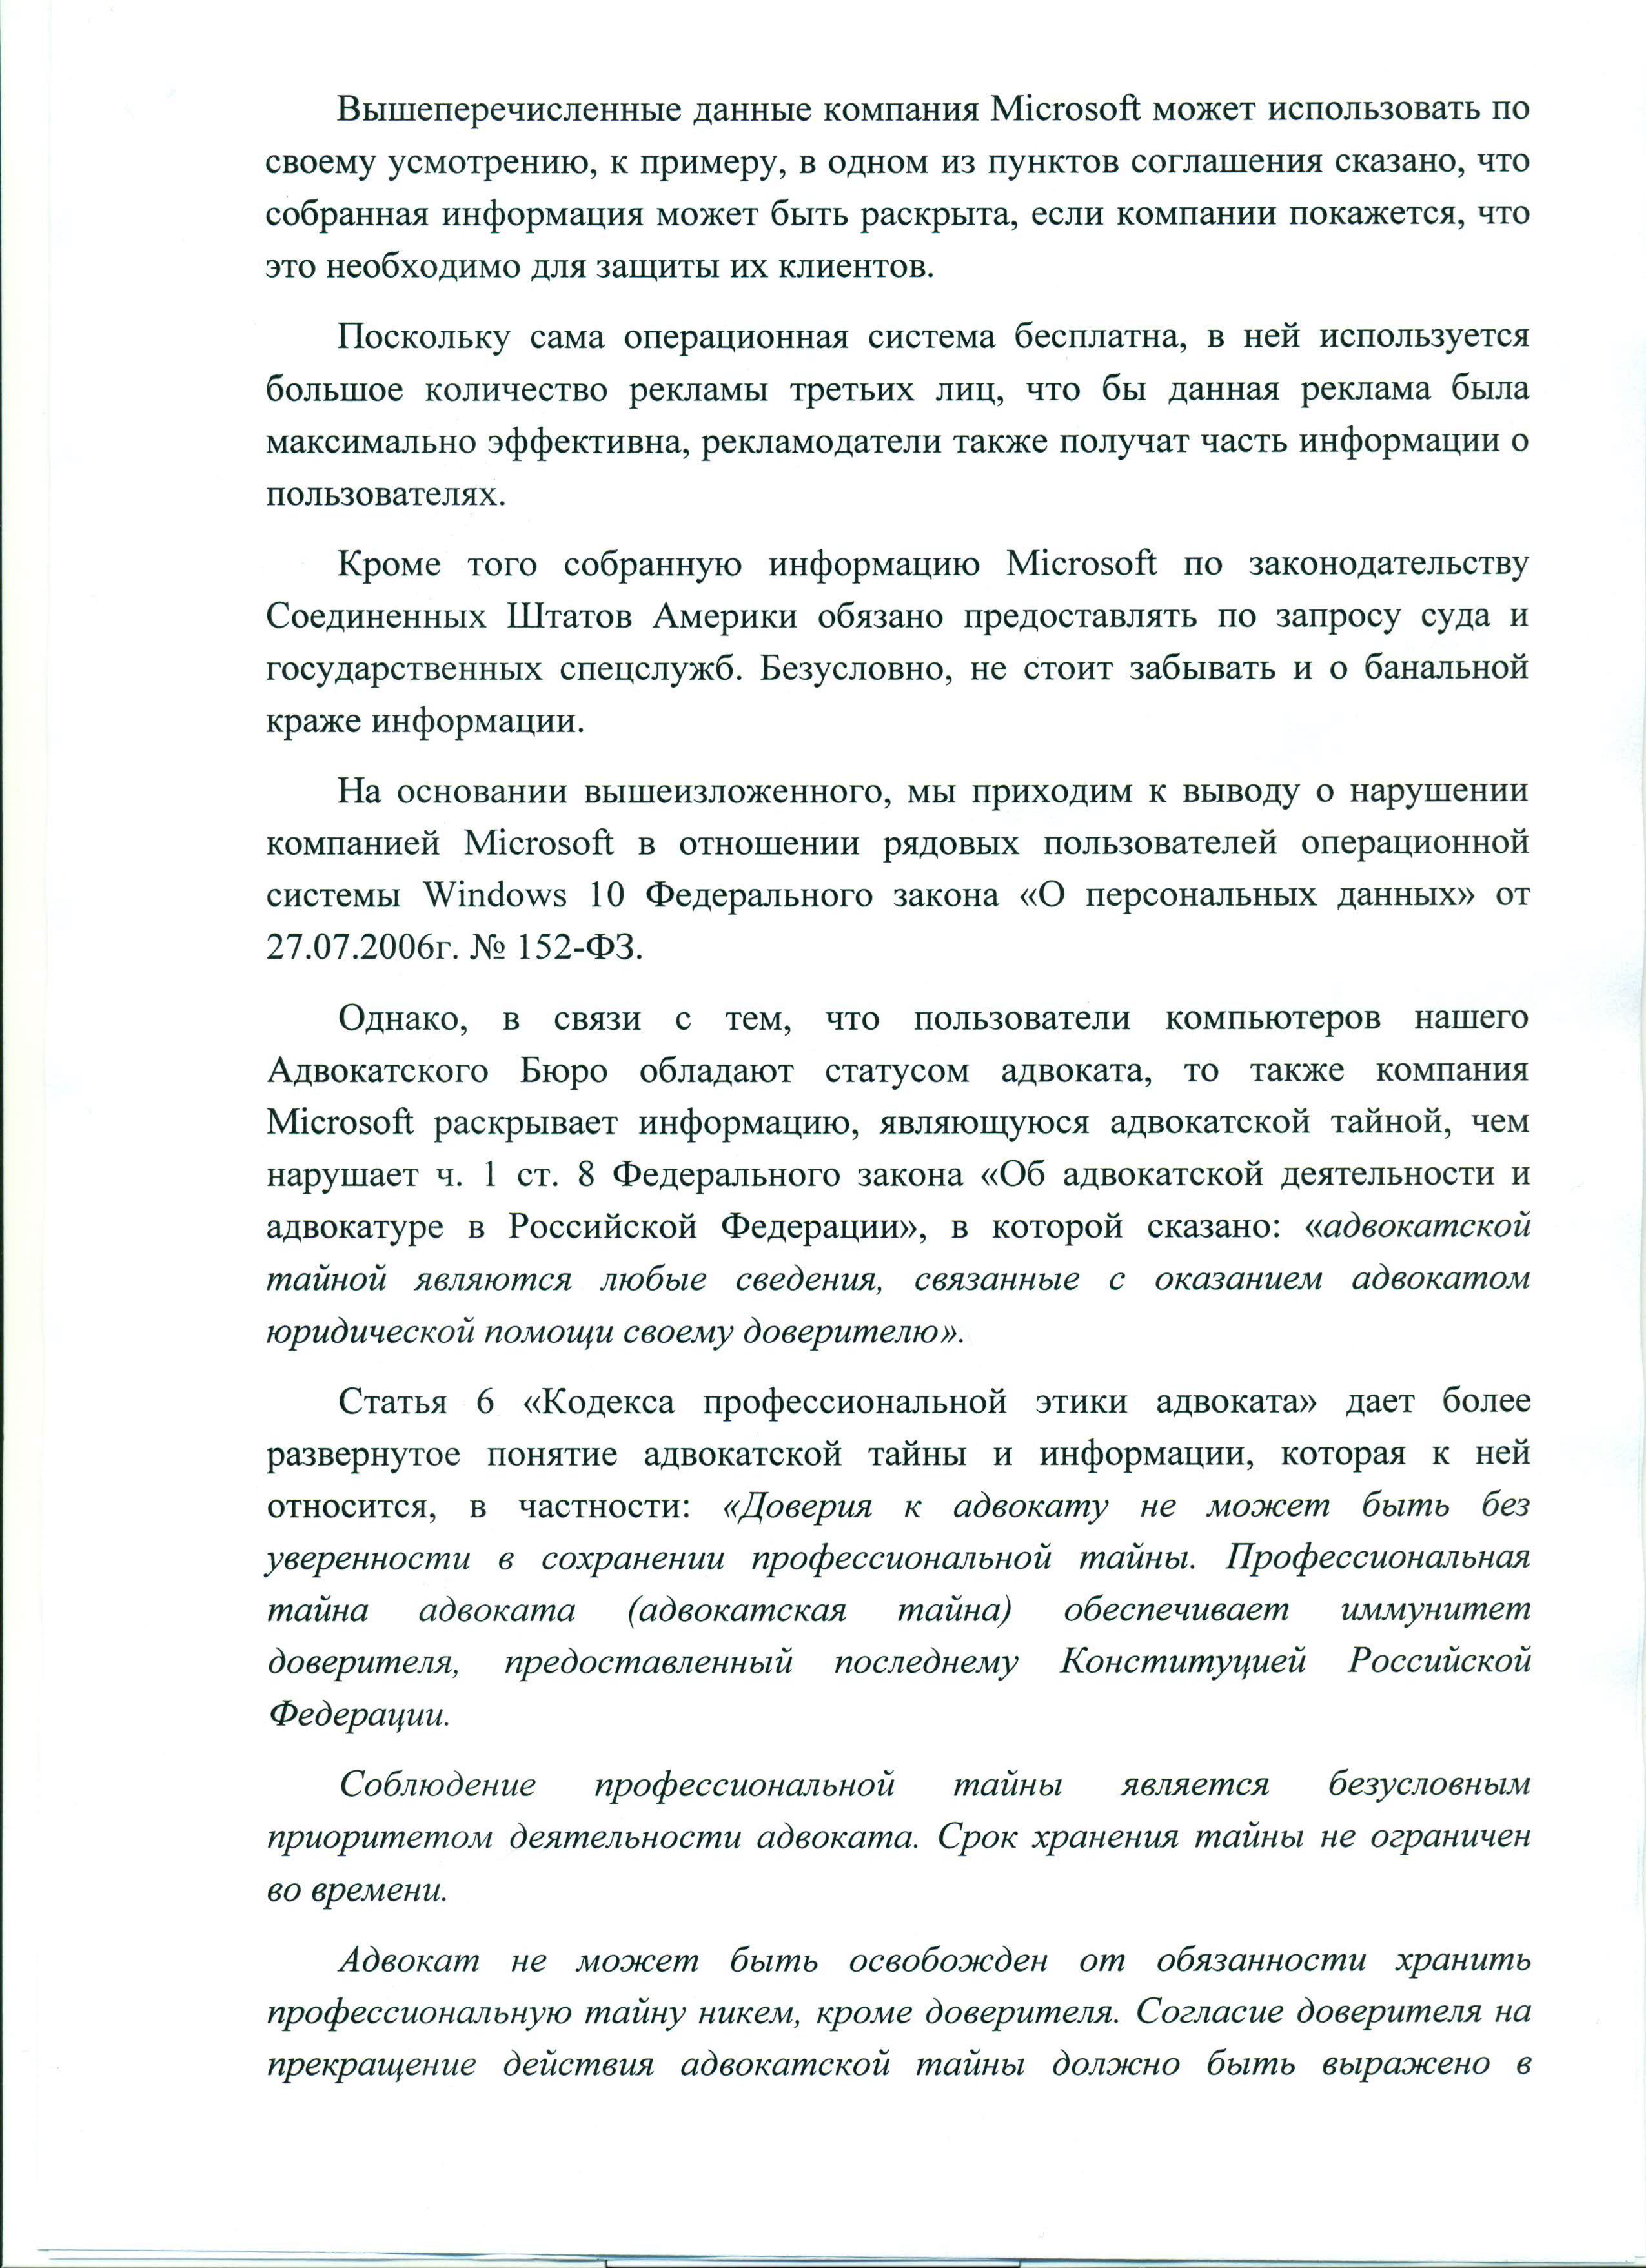 Жалоба генеральному прокурору РФ-2